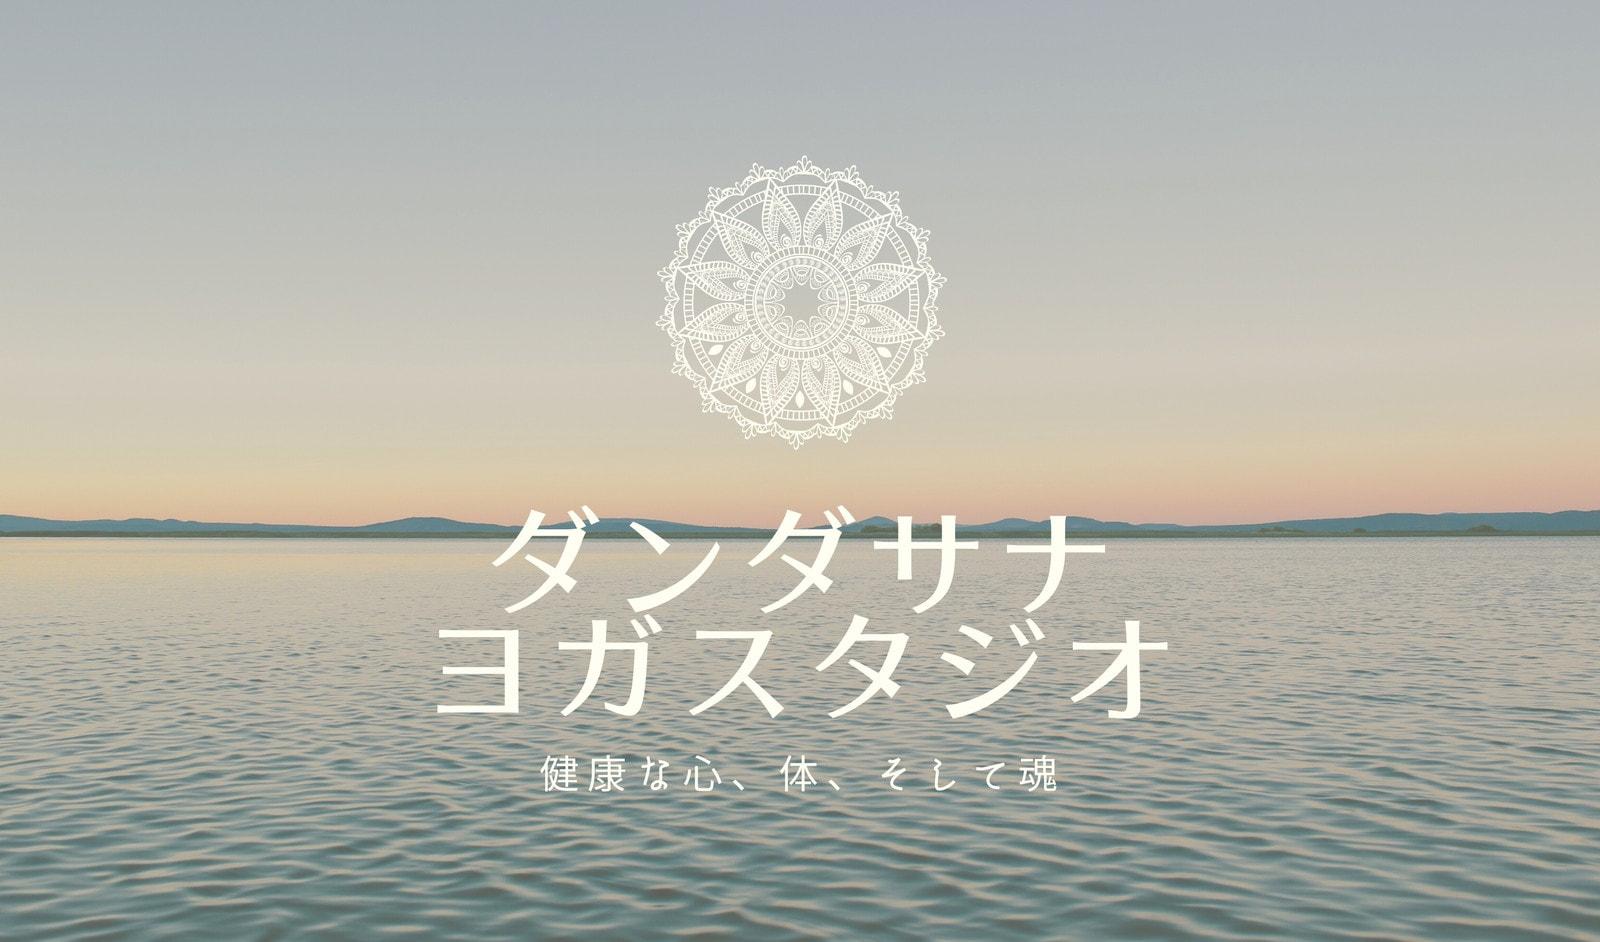 ビスク 海景 写真 マンダラ アイコン ヨガ 名刺